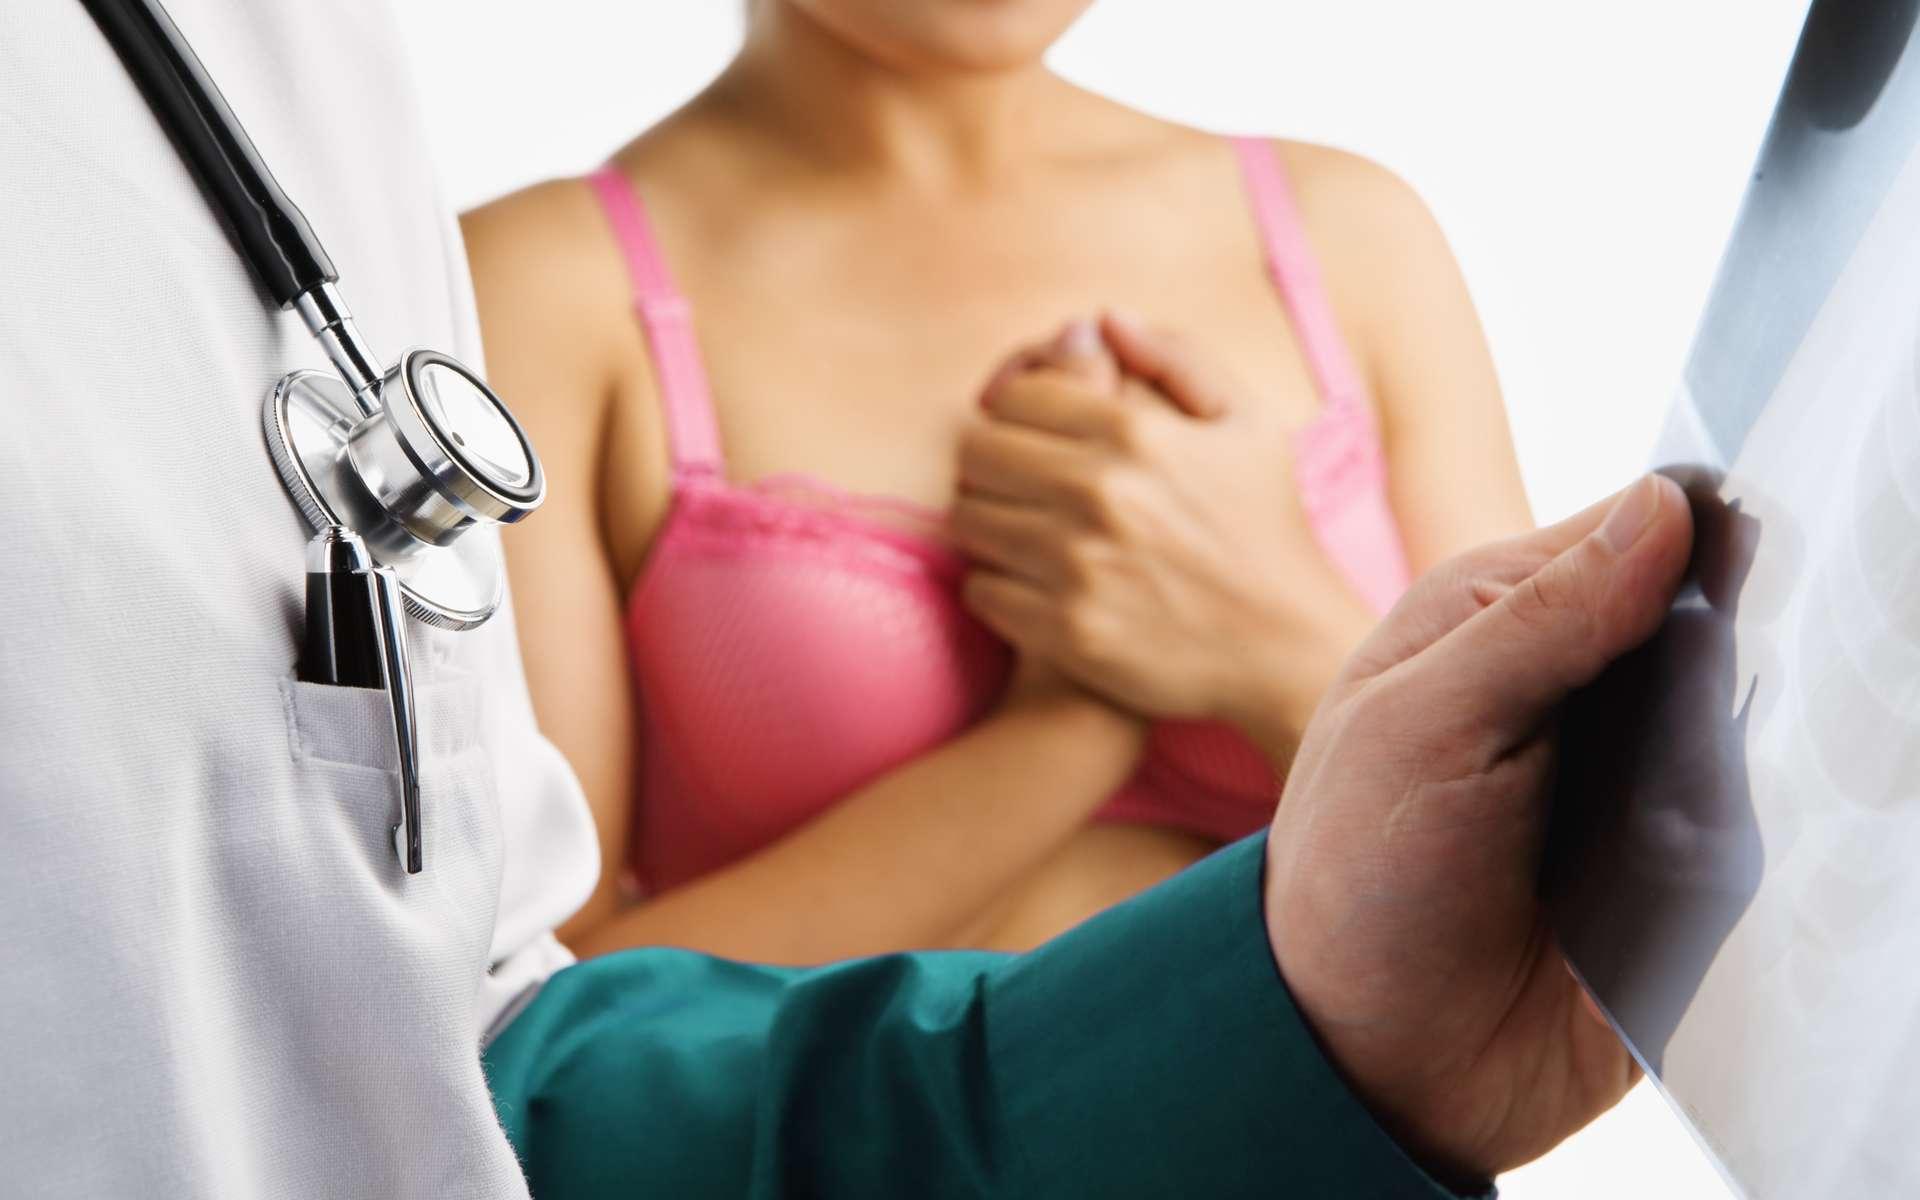 Un traitement connu contre l'ostéoporose présente une bonne efficacité contre certaines formes de cancers. © Rudyanto Wijaya/shutterstock.com